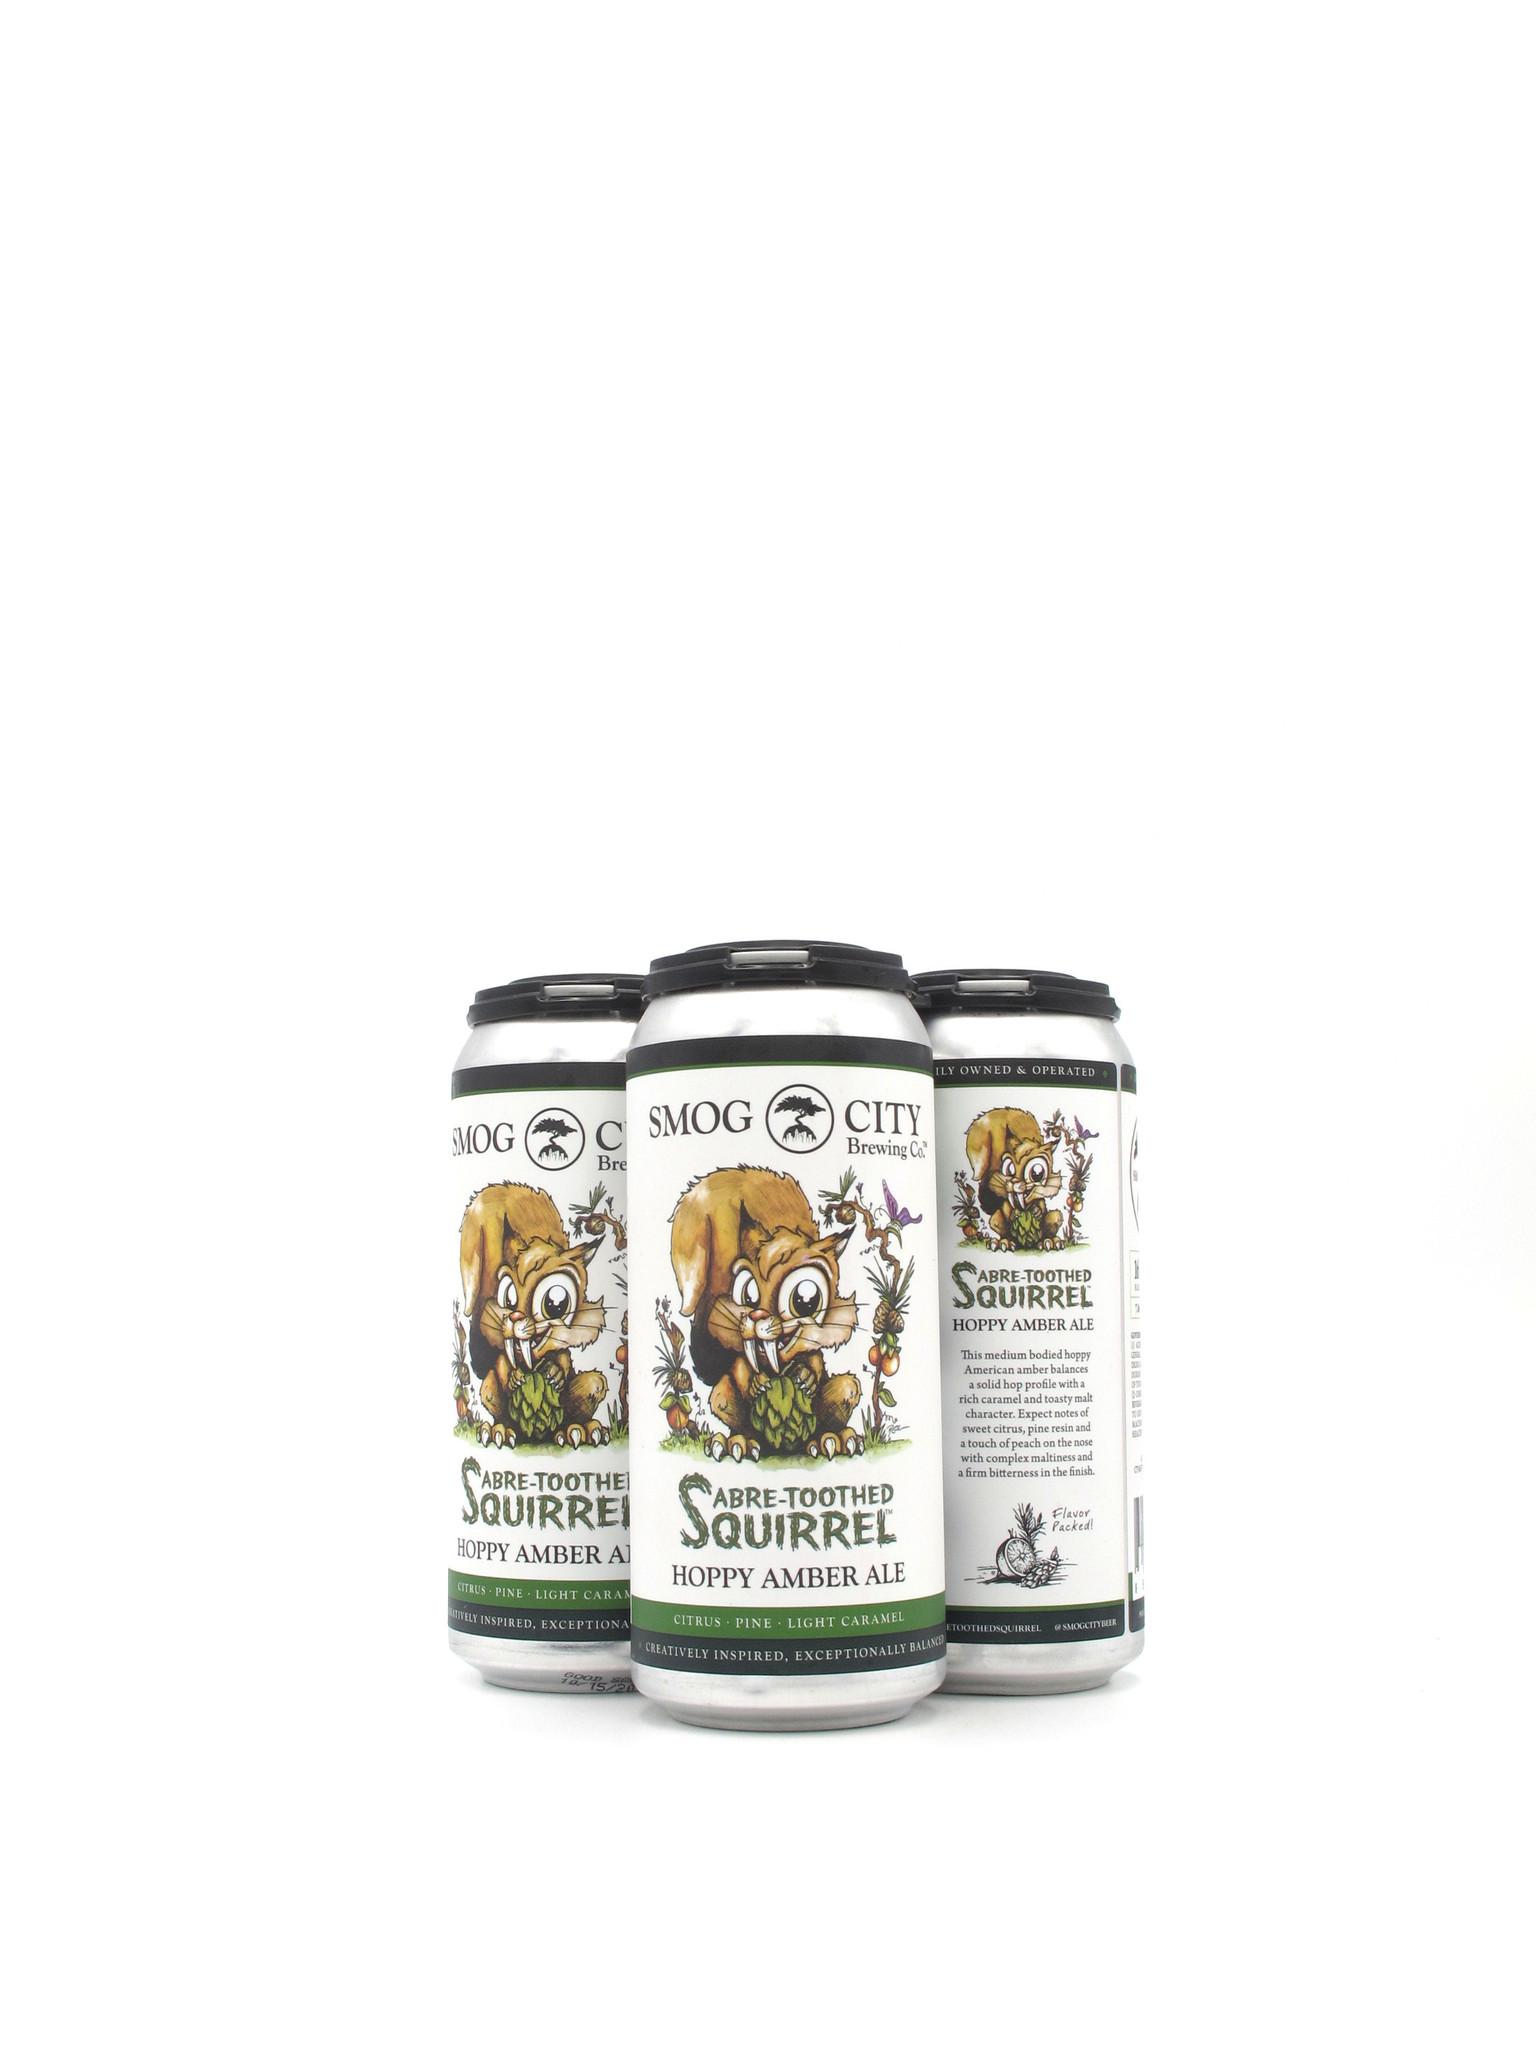 Smog City Brewing Co. Smog City Brewing Co. Sabre-Toothed Squirrel 16oz 4pk